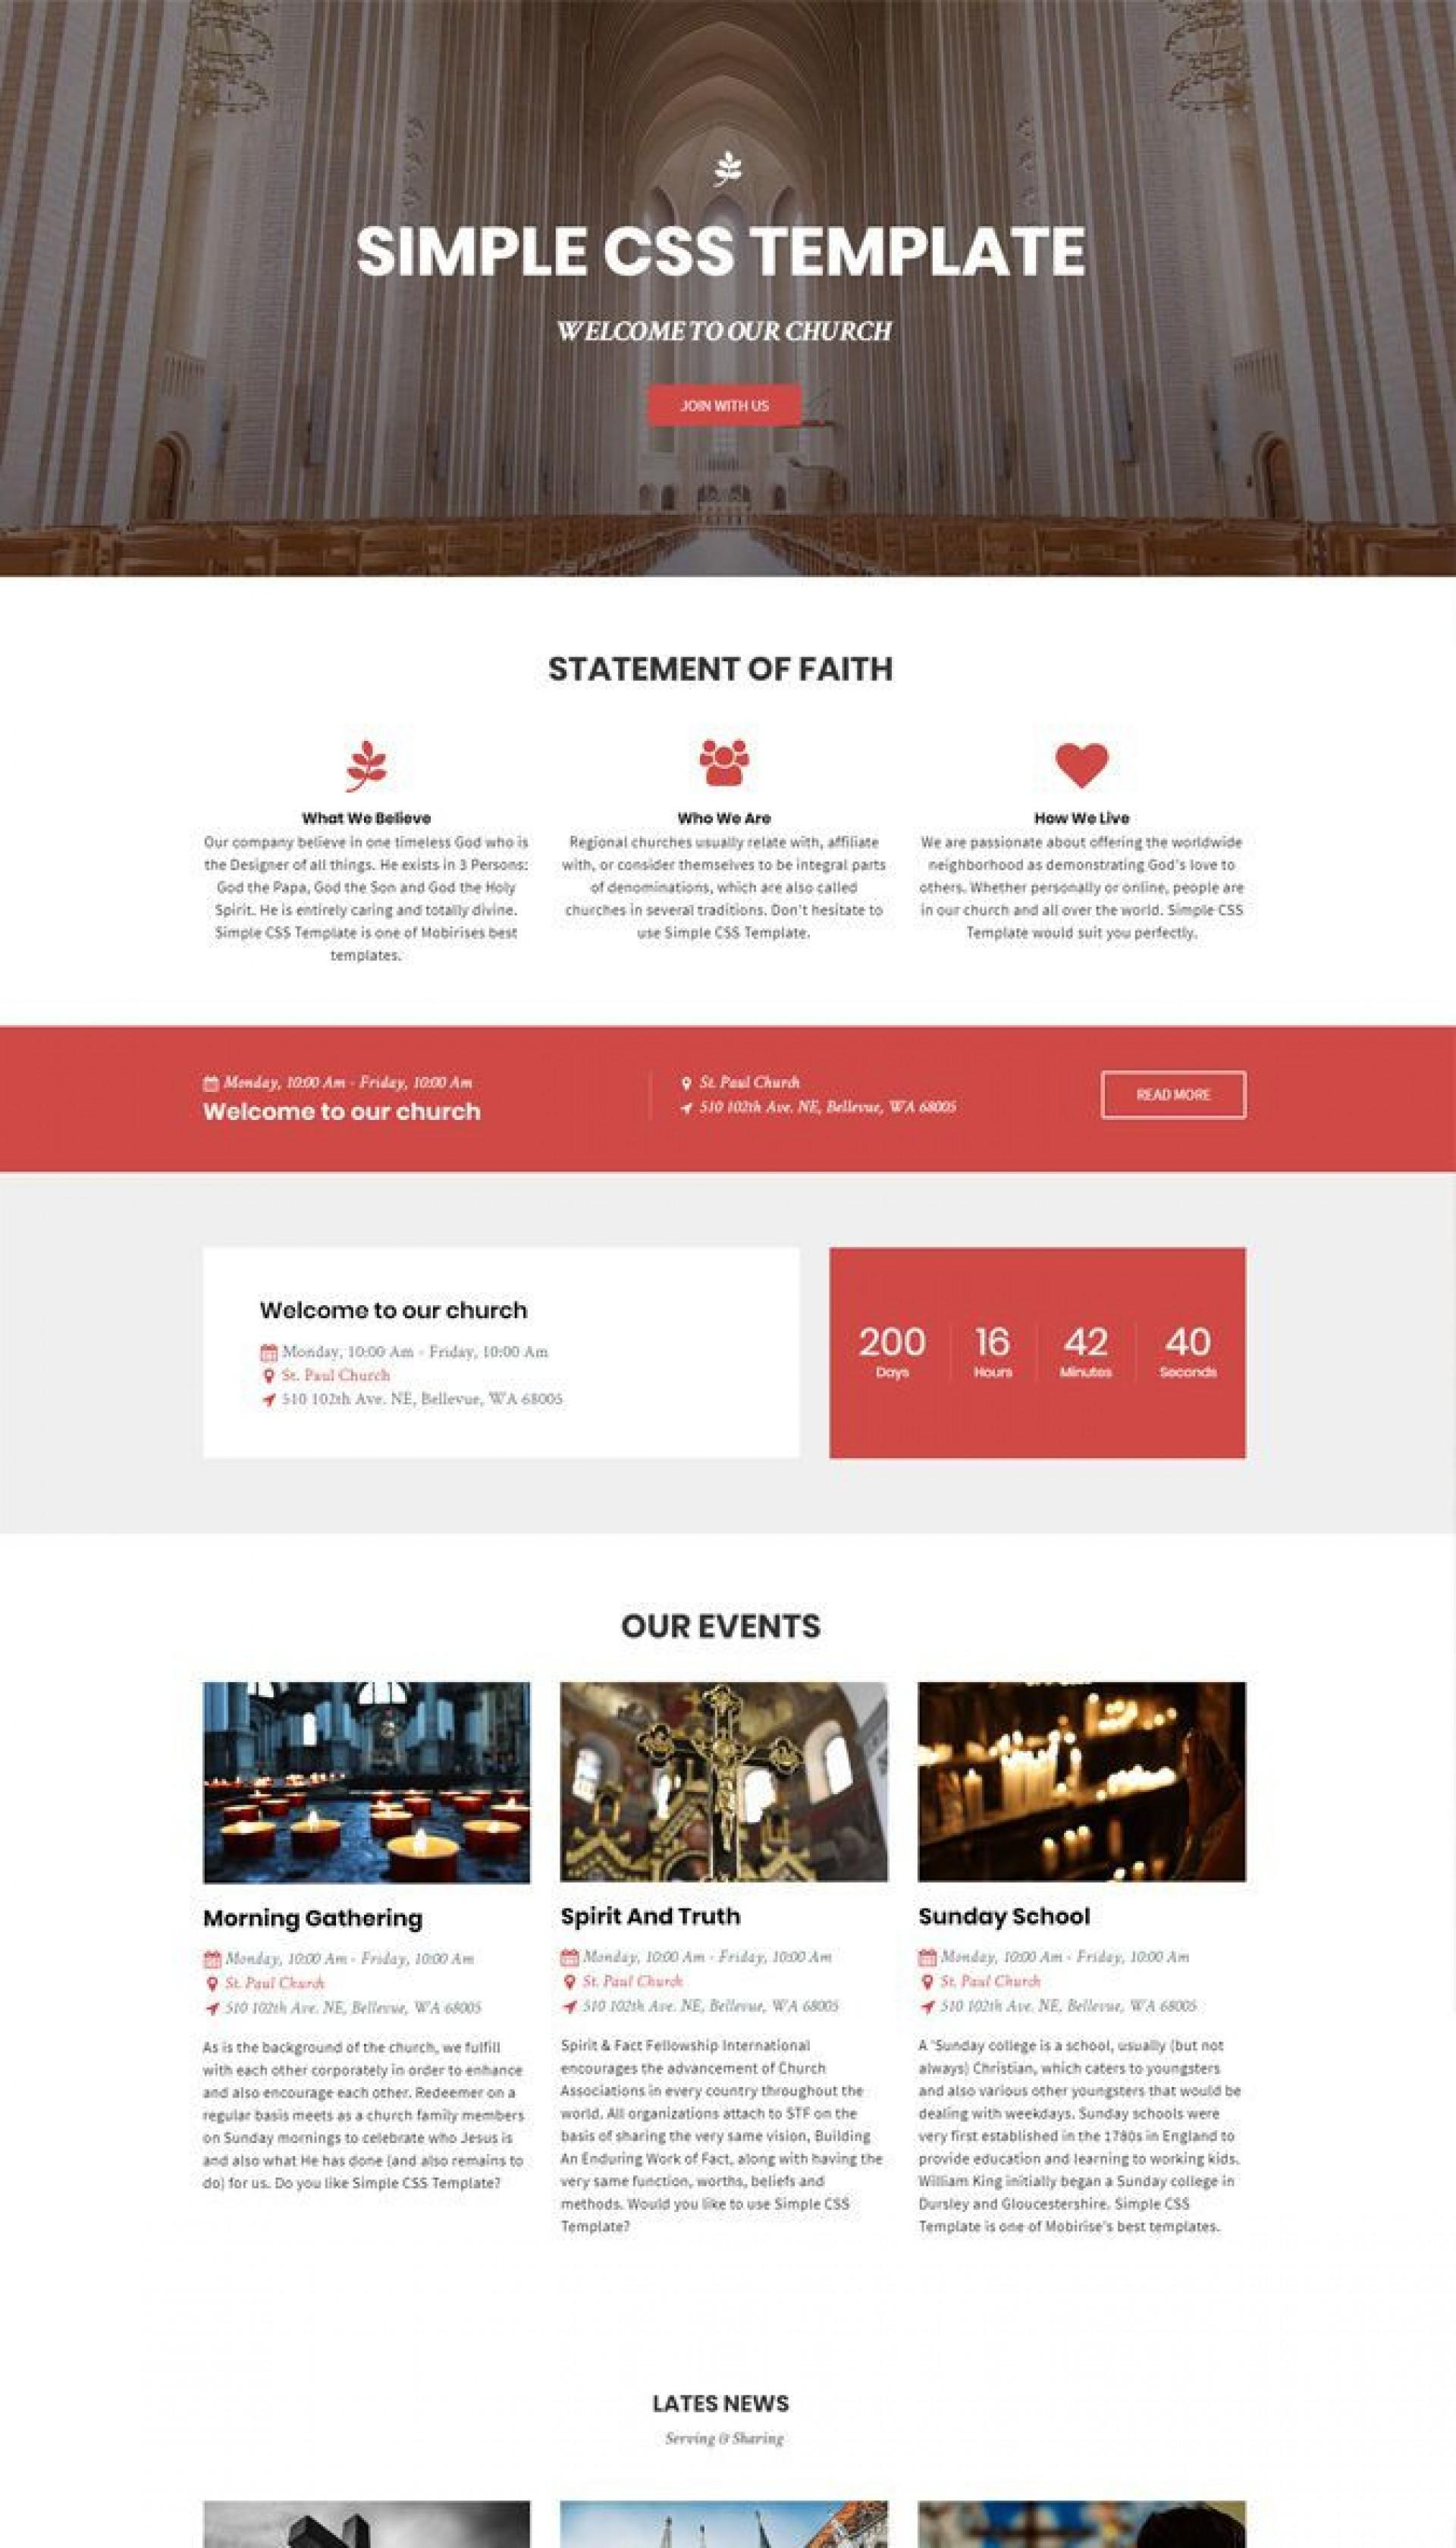 004 Unbelievable Web Page Design Template Cs Image  Css1920